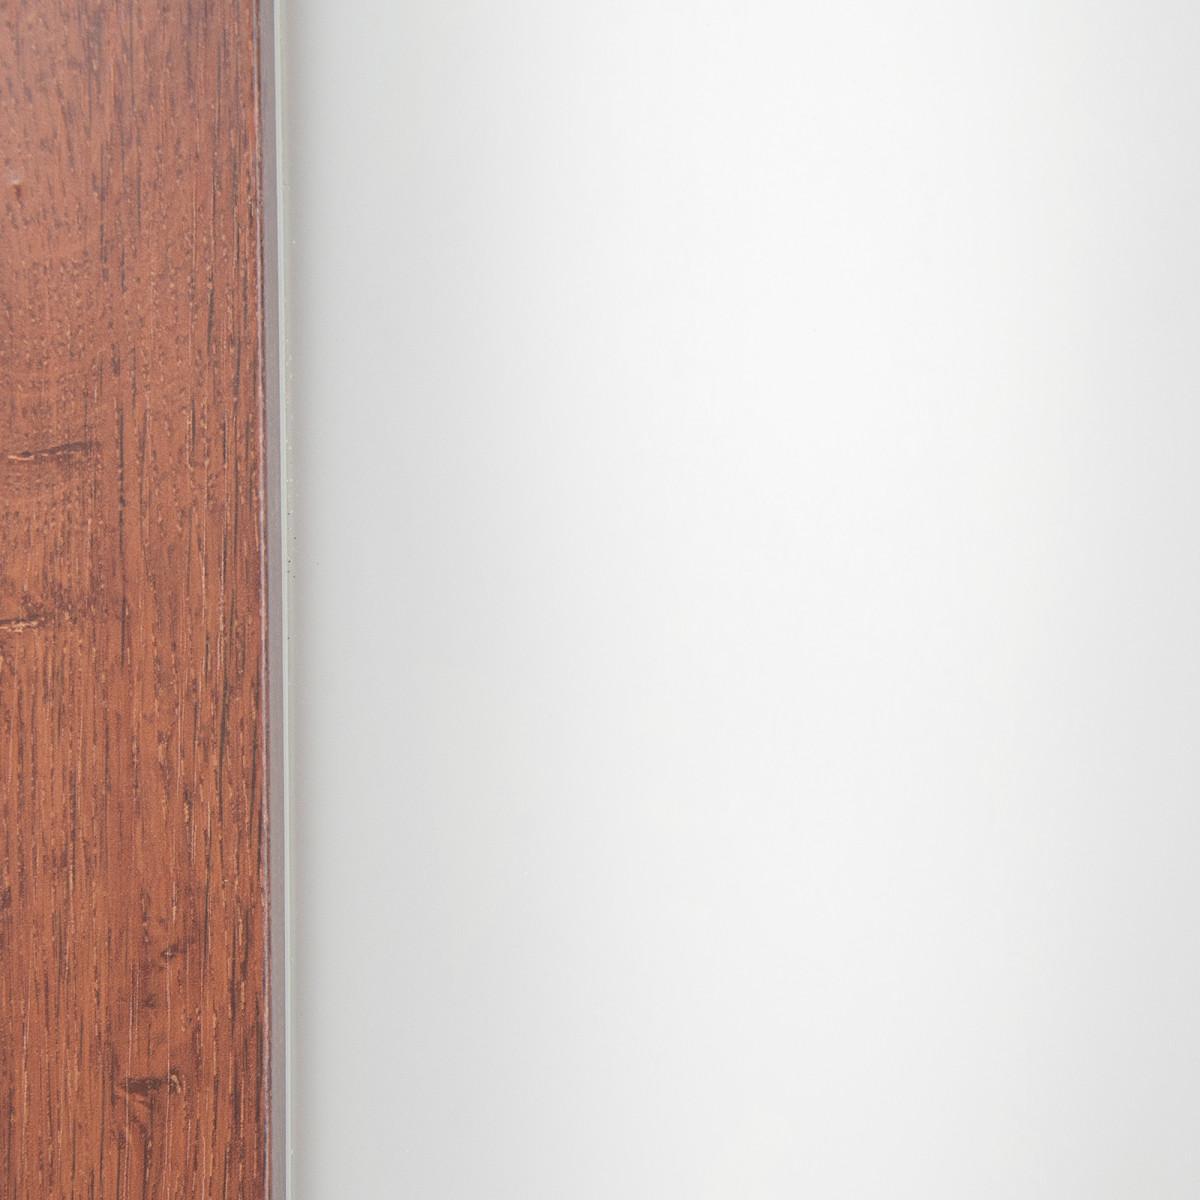 Дверь Межкомнатная Остеклённая Кантри 80x200 Пвх Цвет Дуб Сан-Томе С Фурнитурой